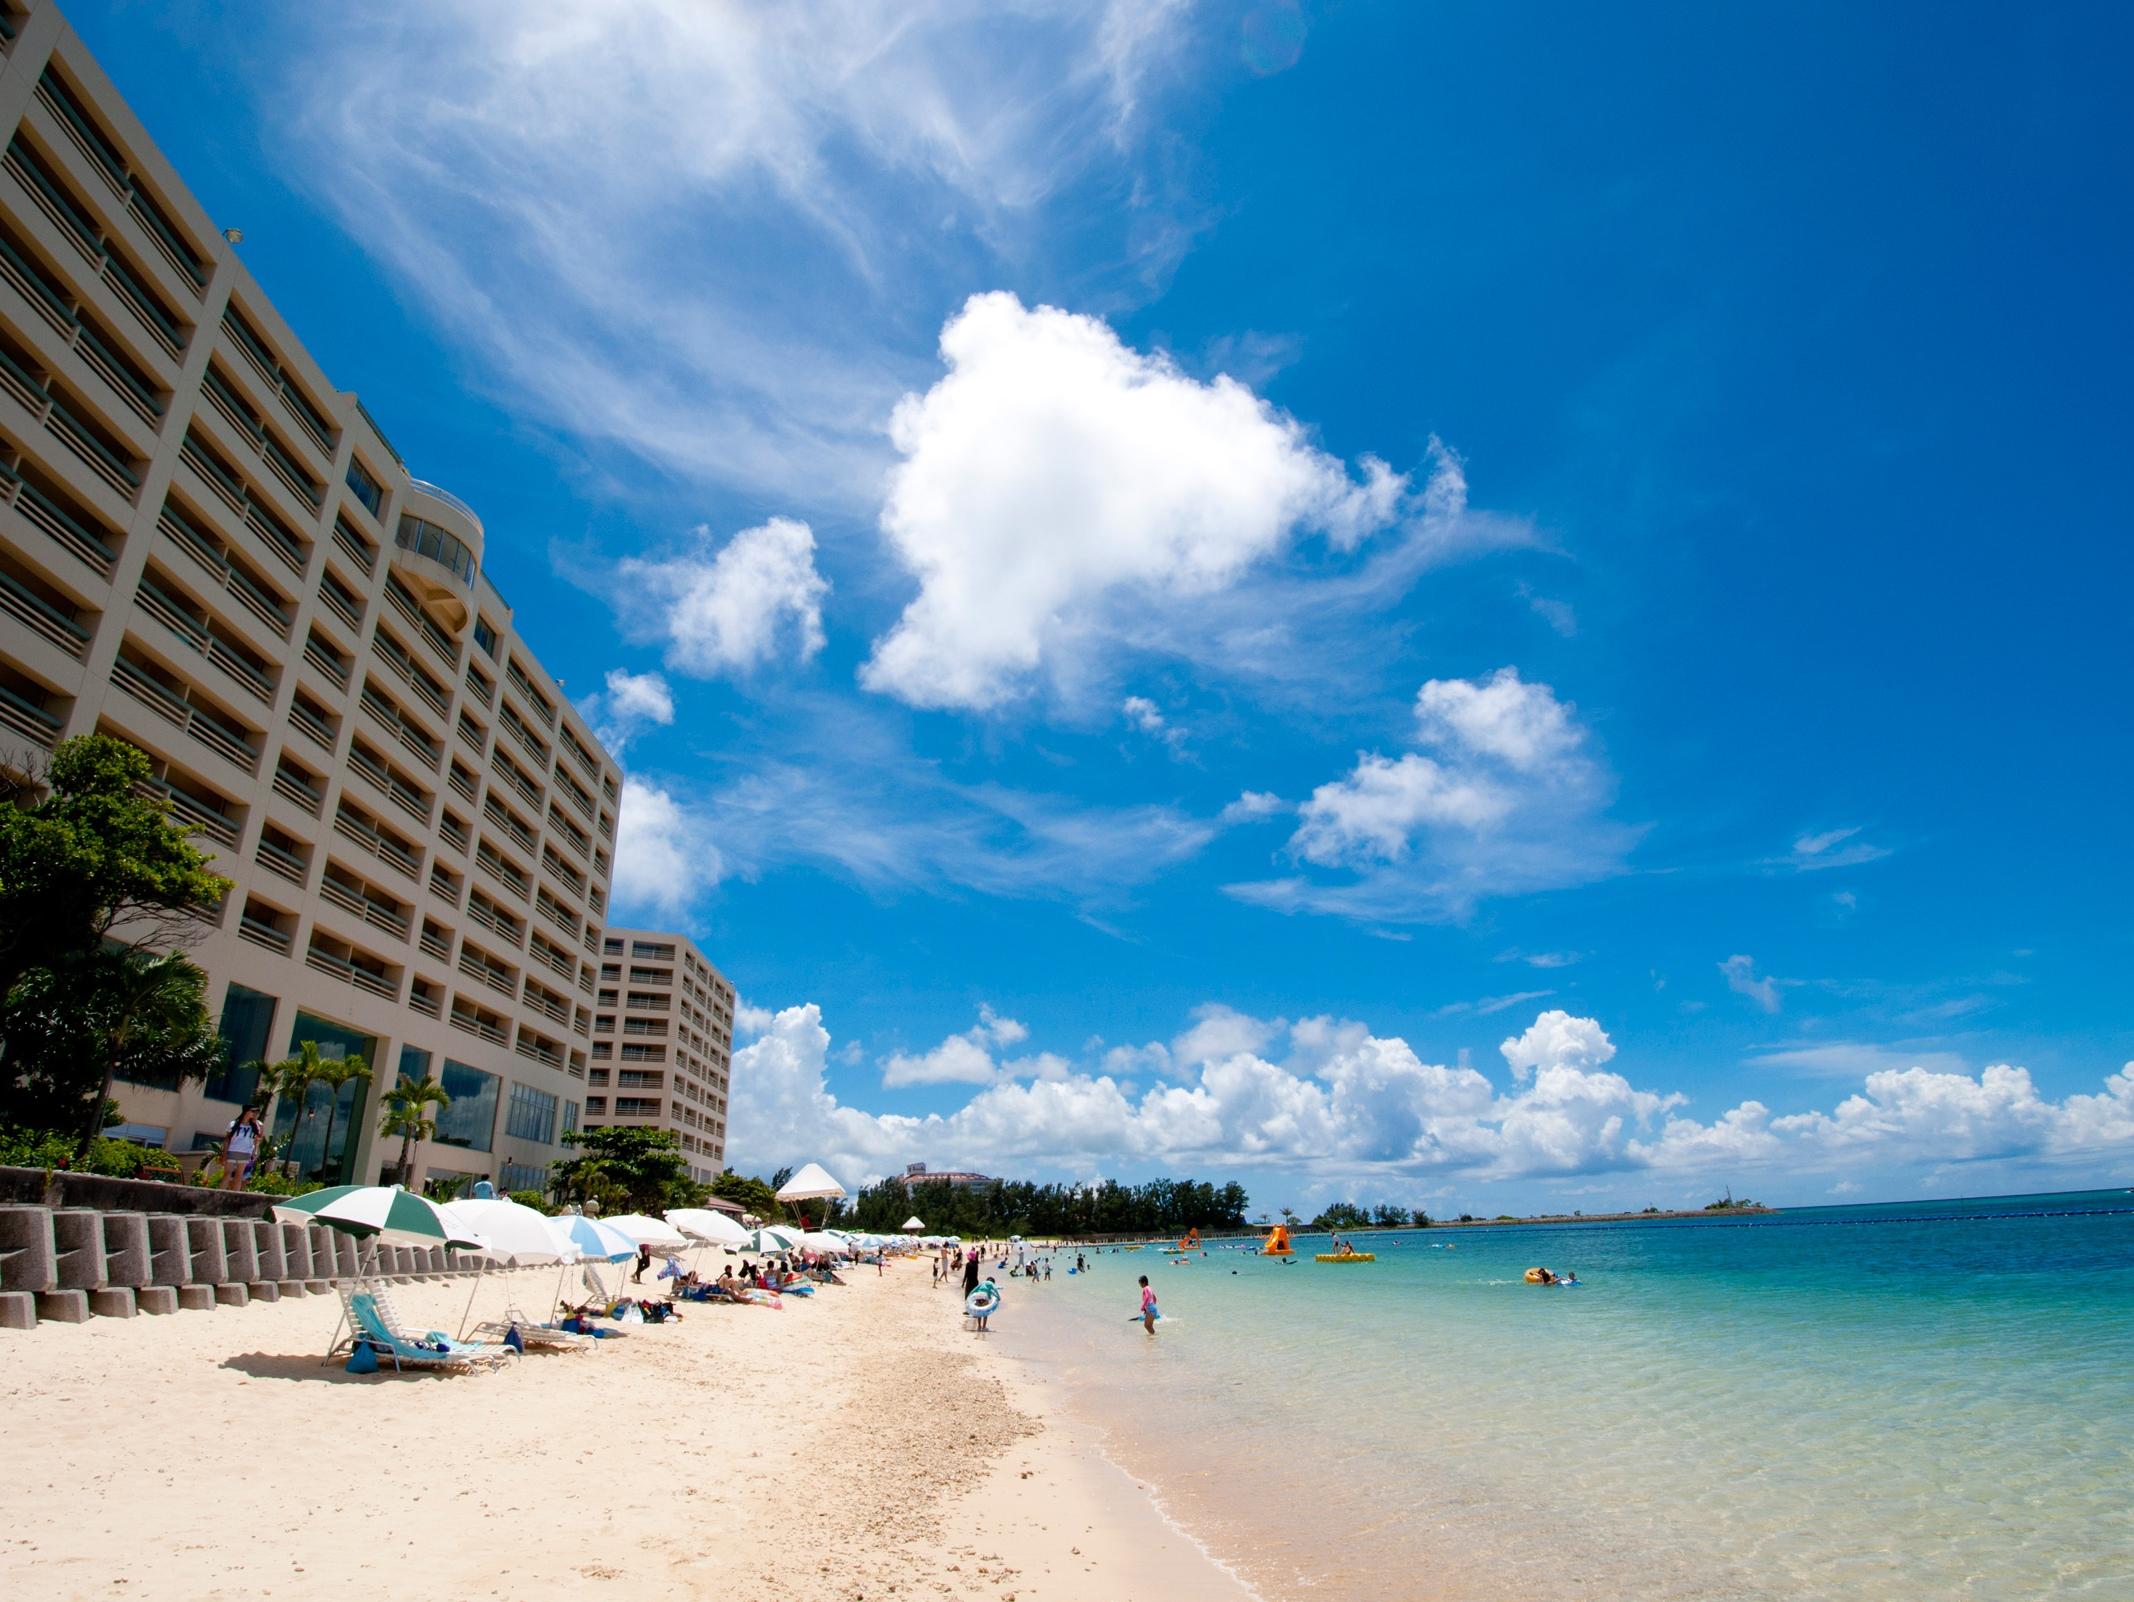 オンザビーチで沖縄を満喫できる大型リゾートホテル